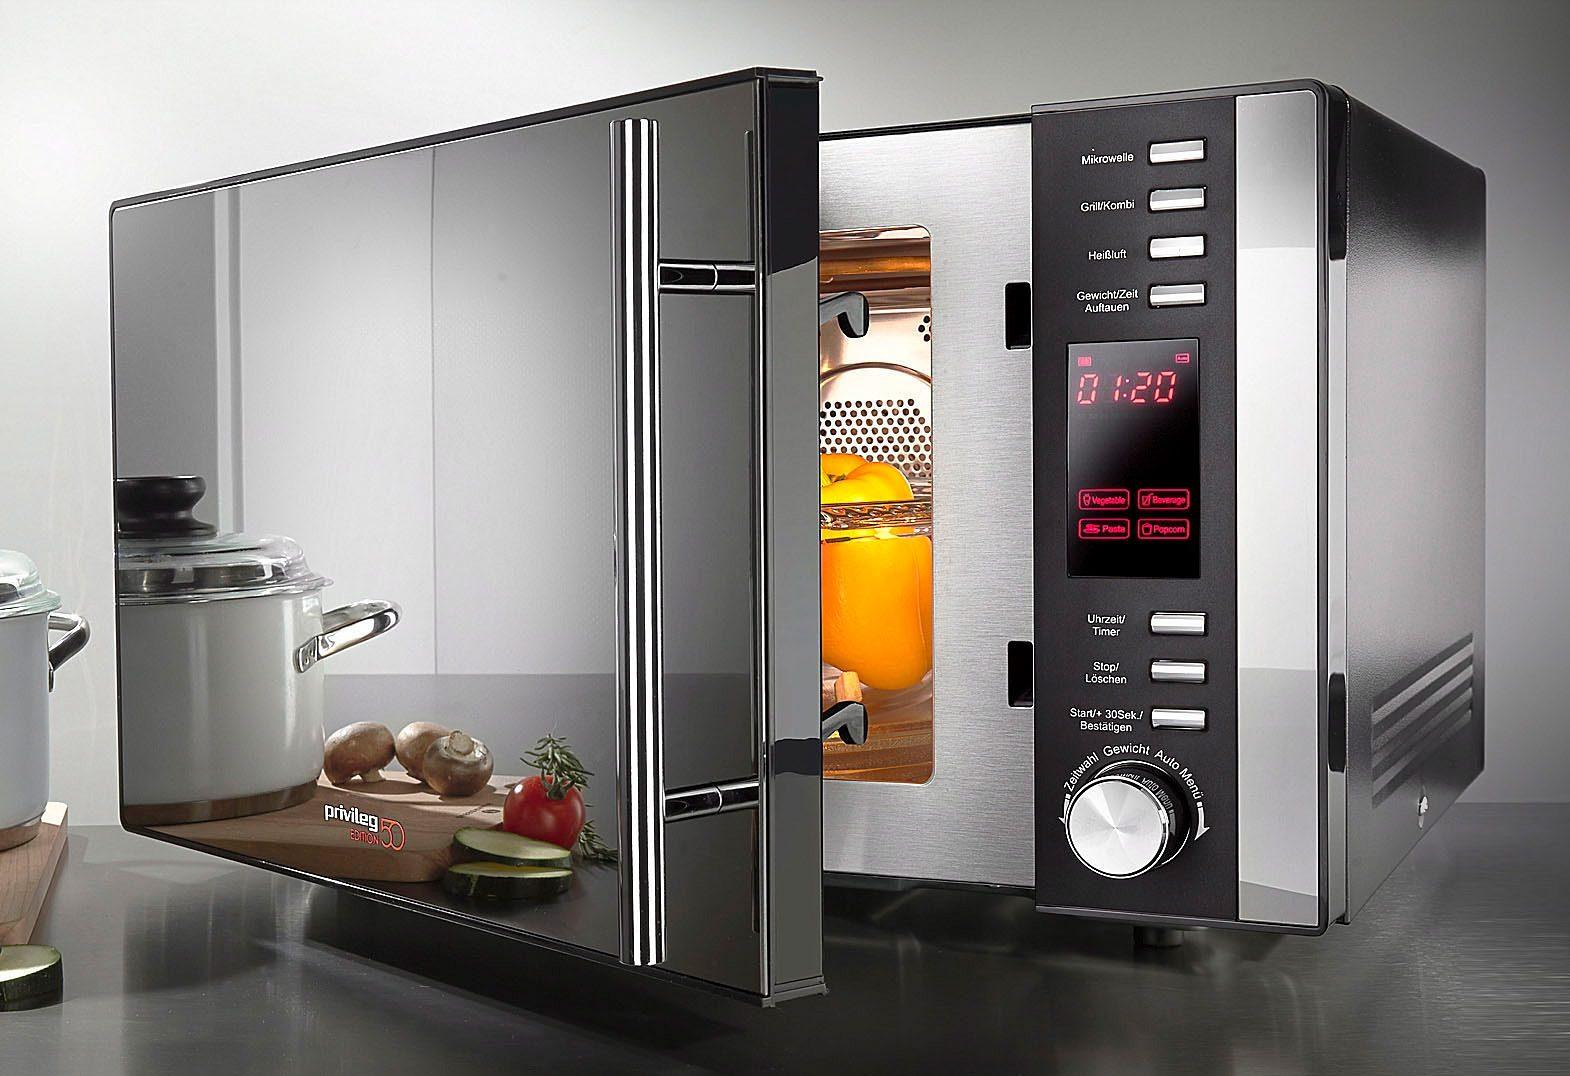 Privileg Mikrowelle AC925EBL 900 W | Küche und Esszimmer > Küchenelektrogeräte > Mikrowellen | Schwarz